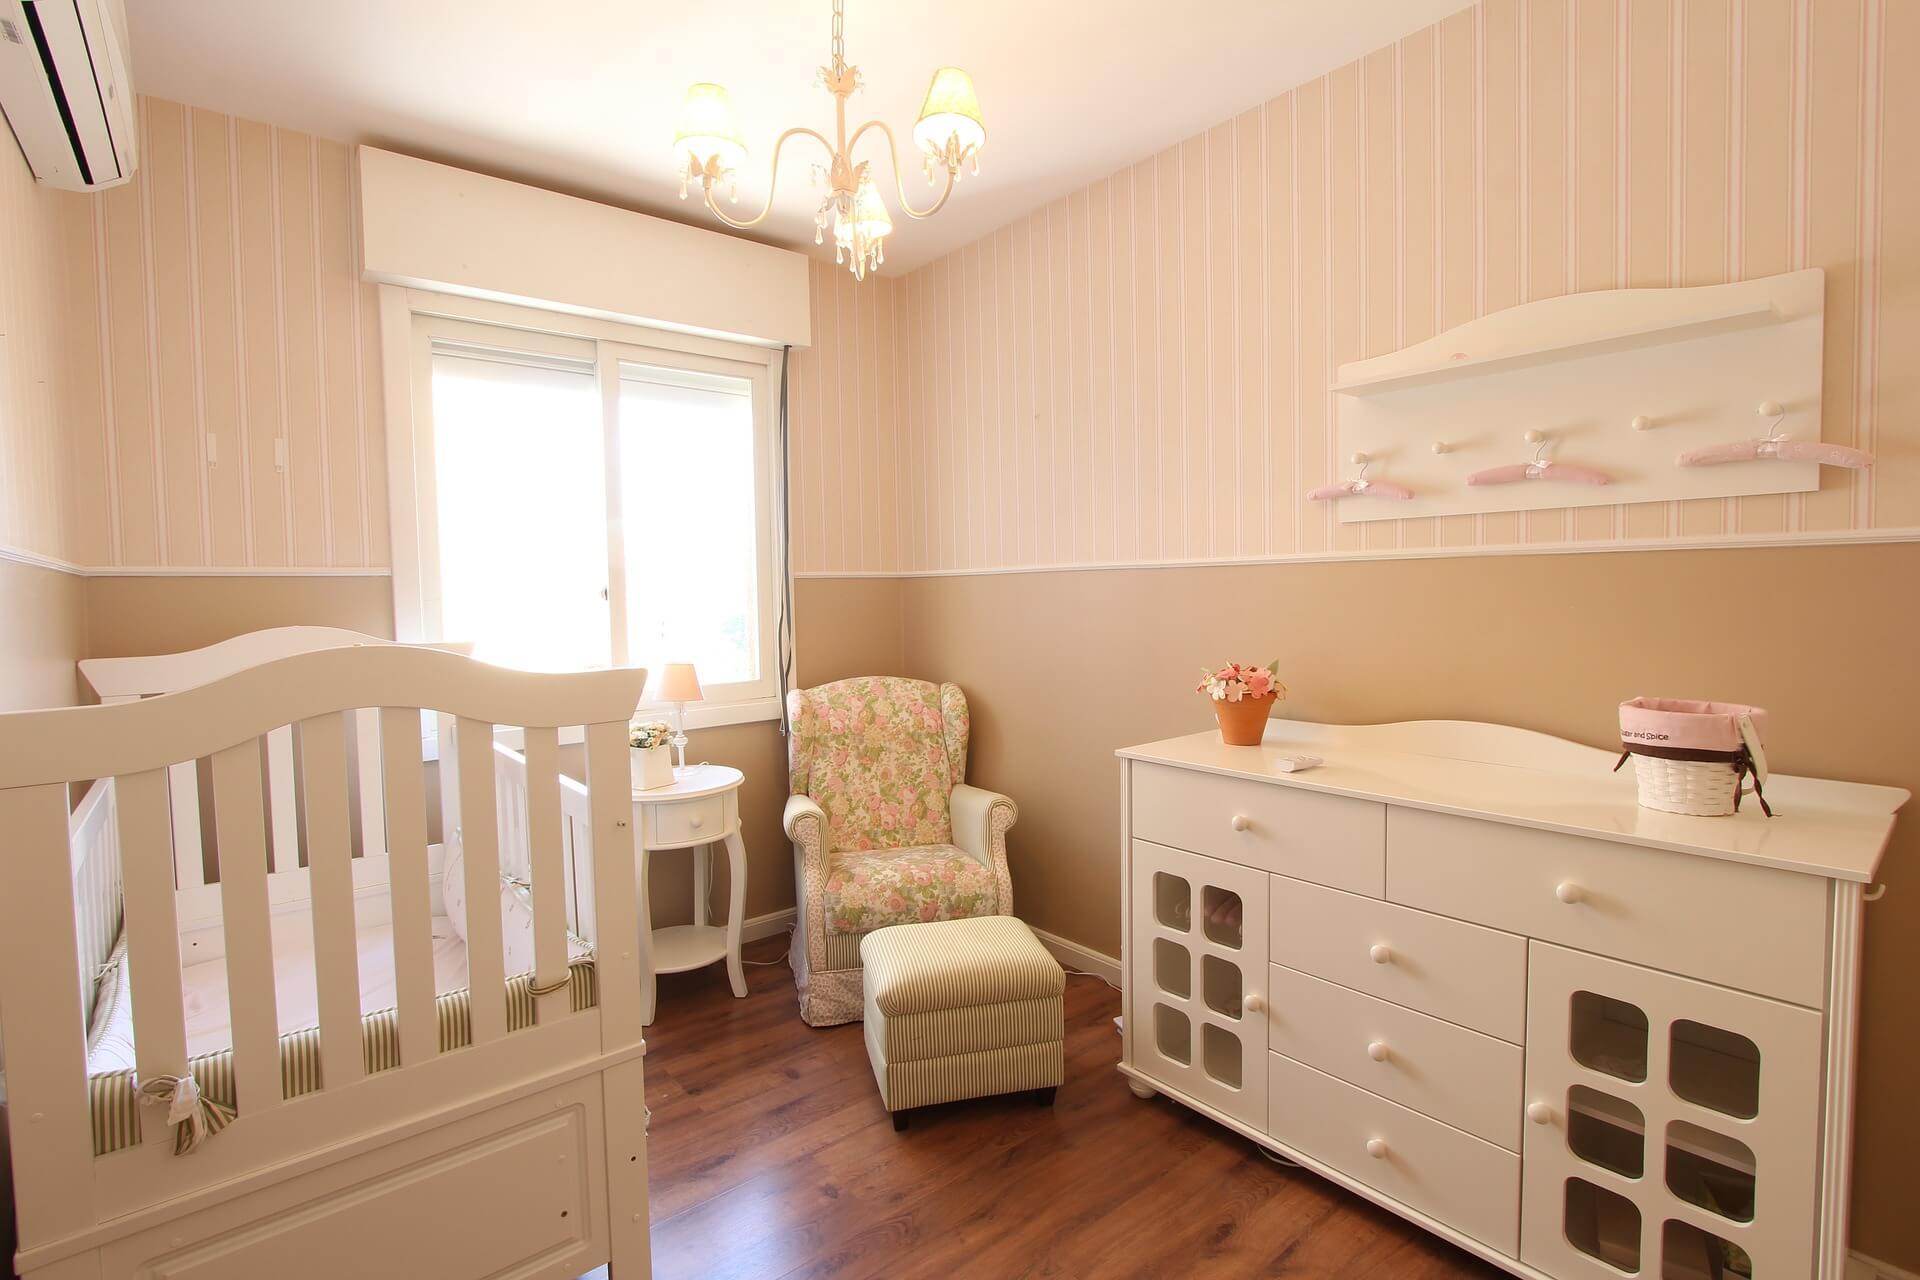 תכנון ועיצוב חדרי תינוקות